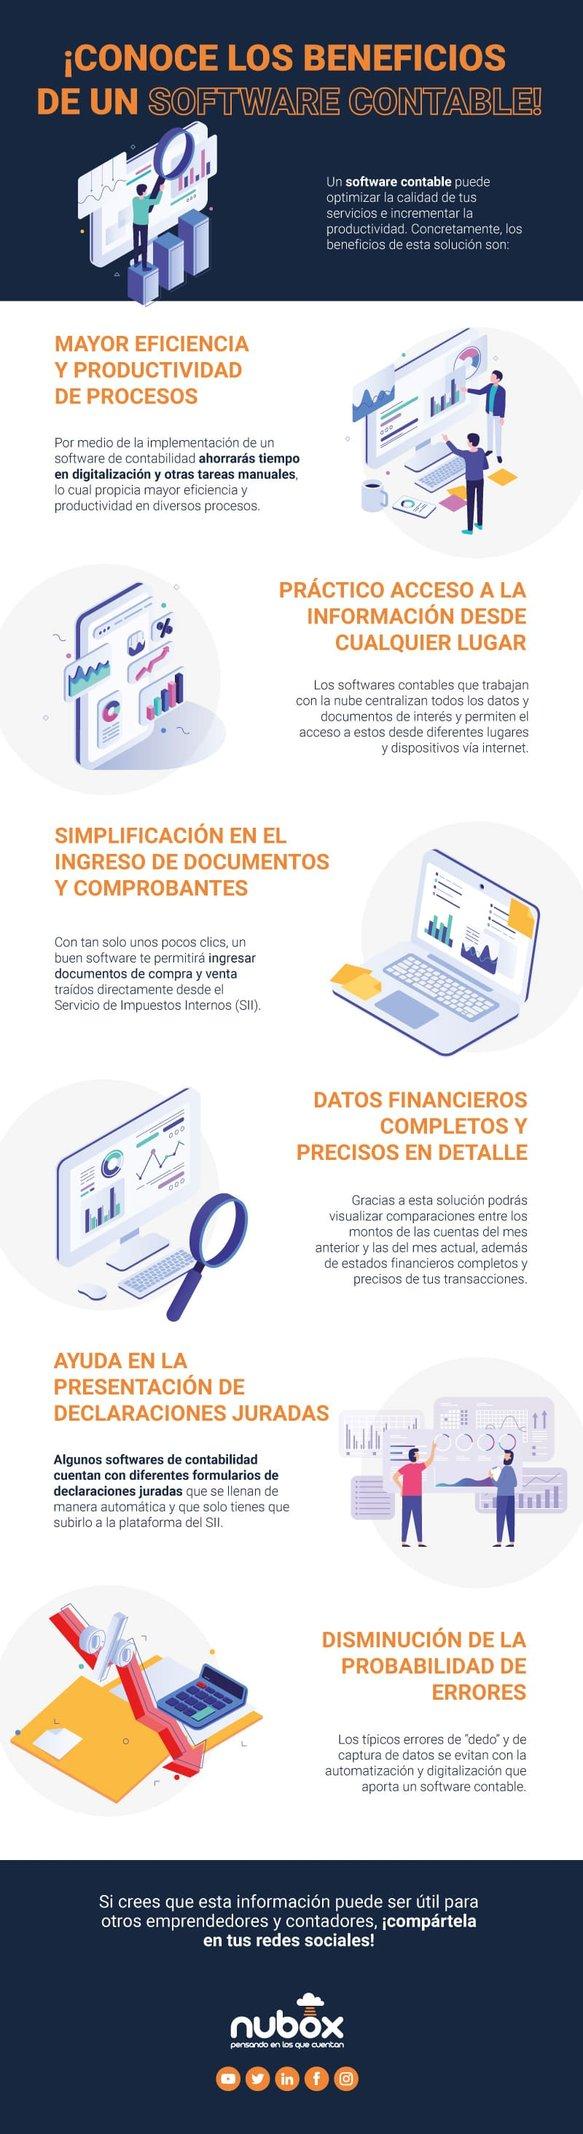 Conoce los beneficios de un software contable (1) (1)